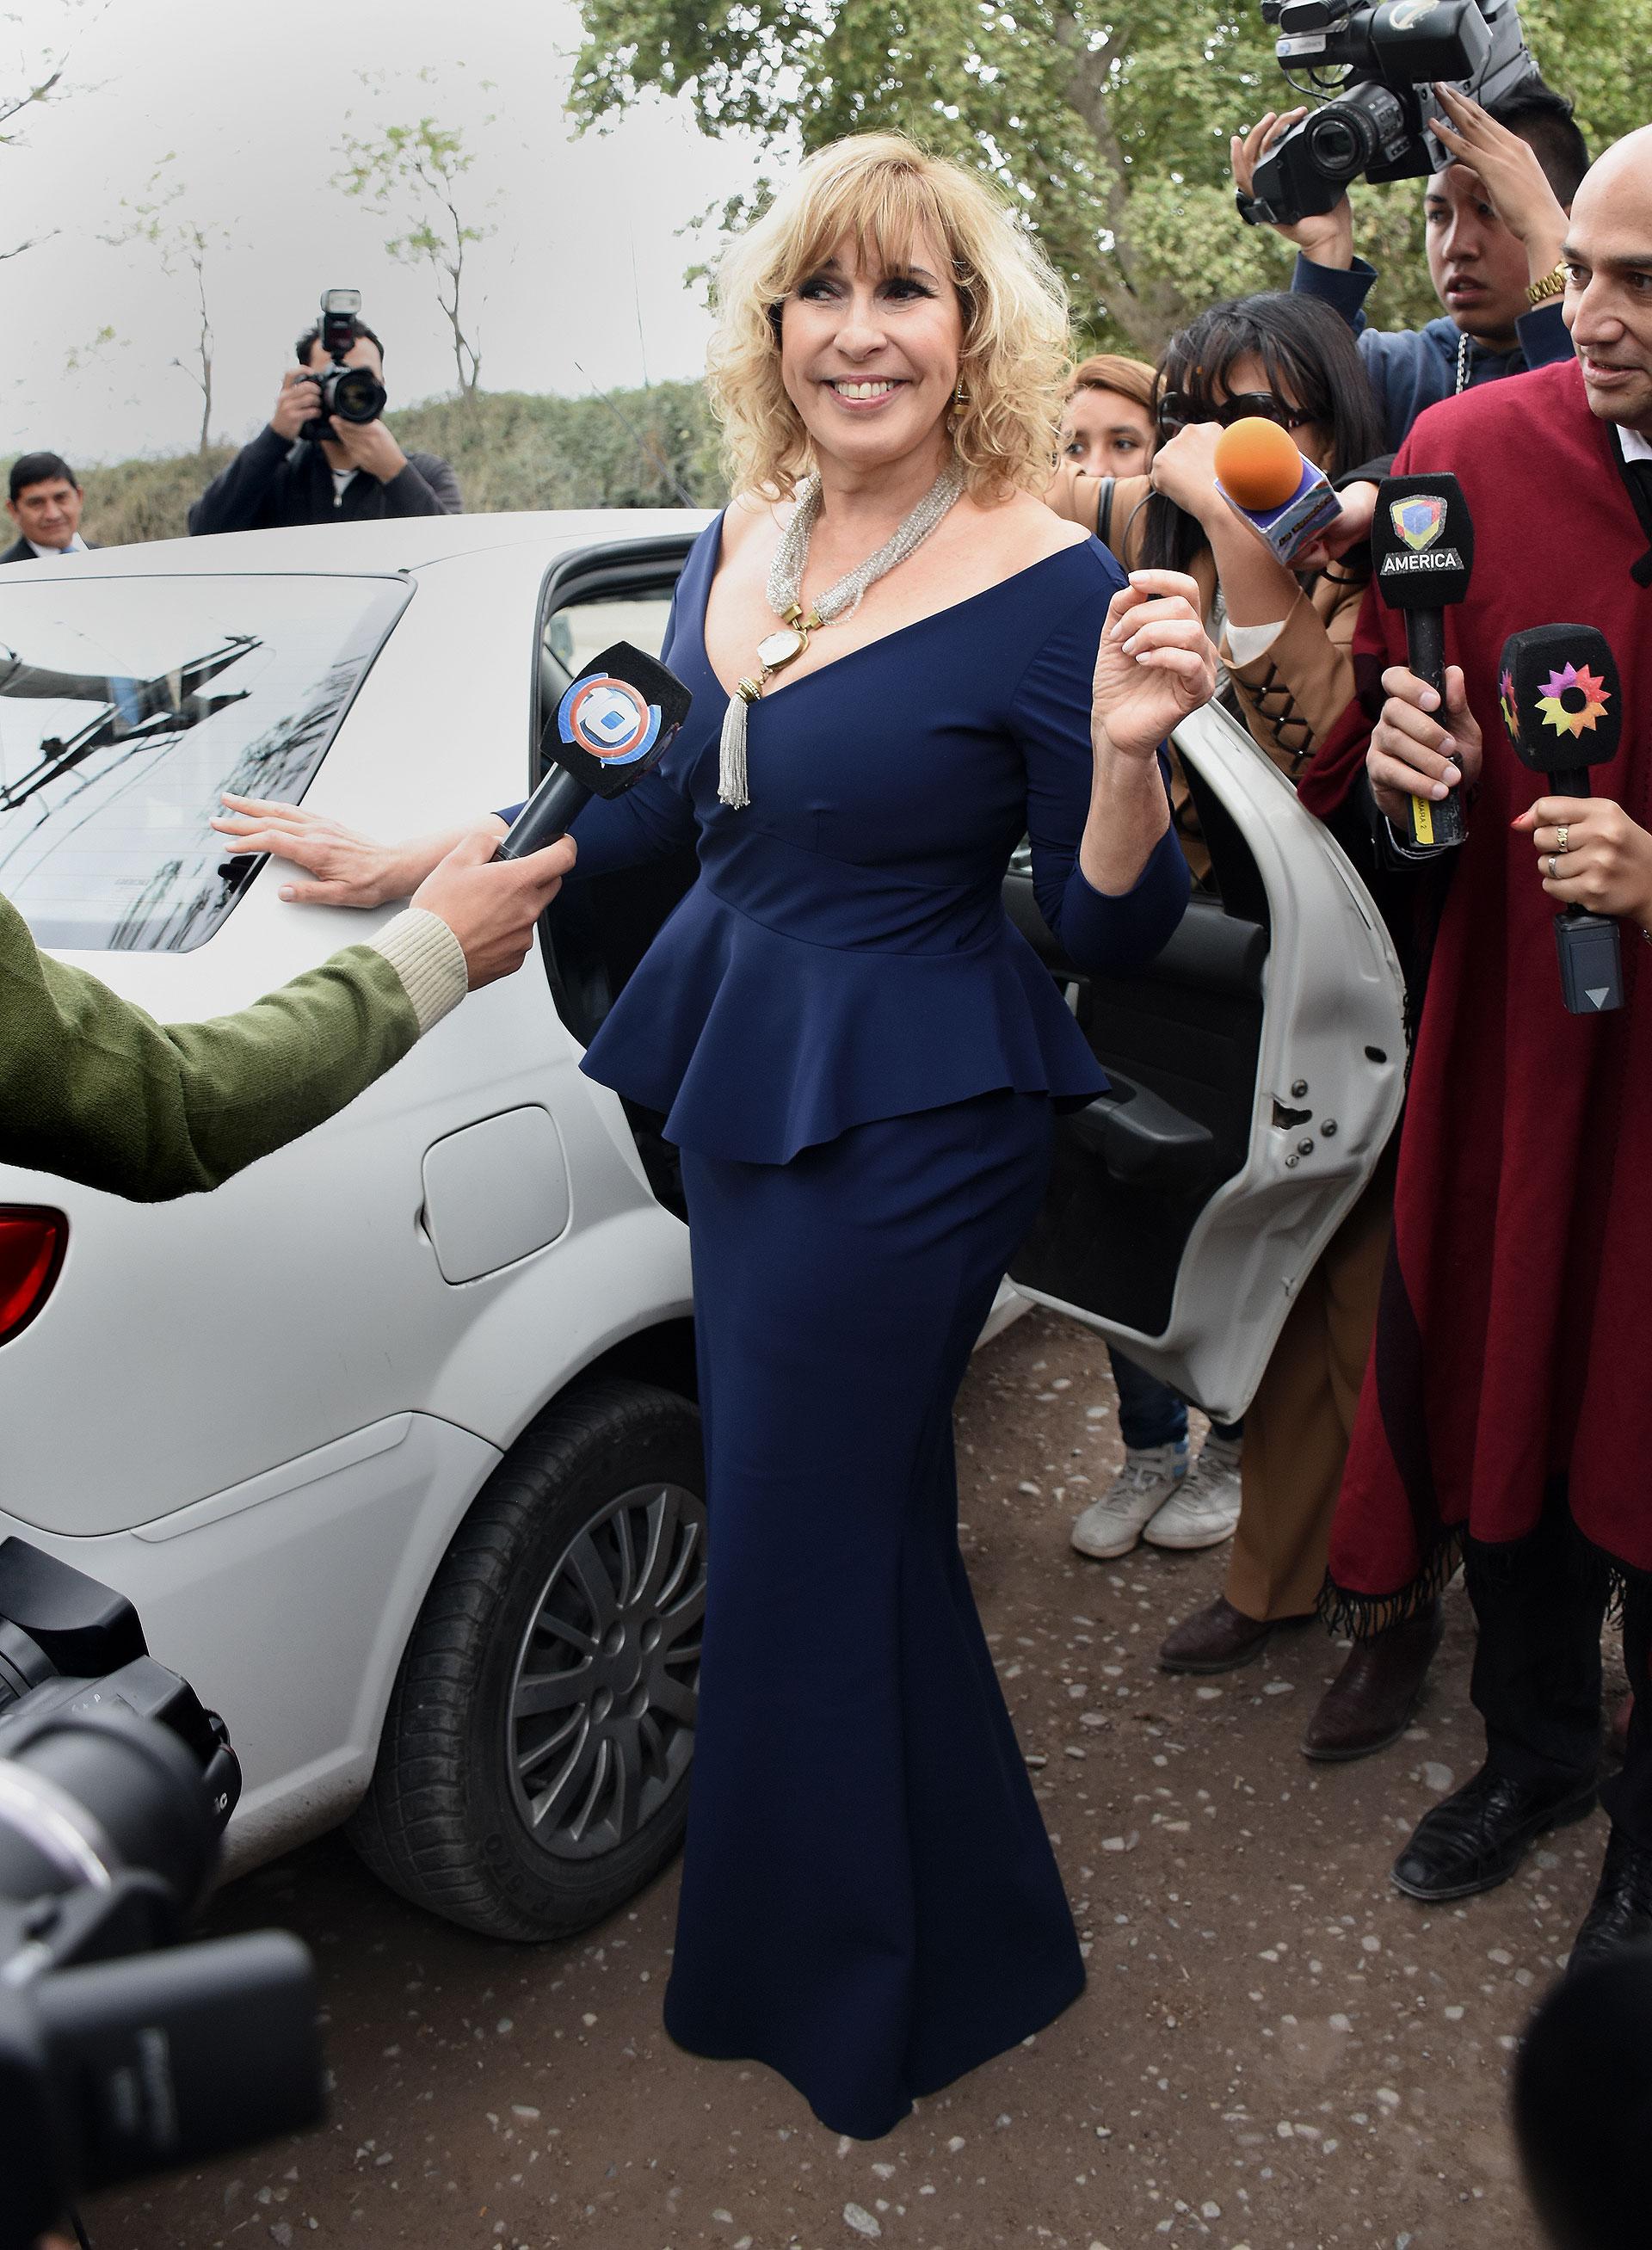 La actriz y conductora de TV Georgina Barbarossa.